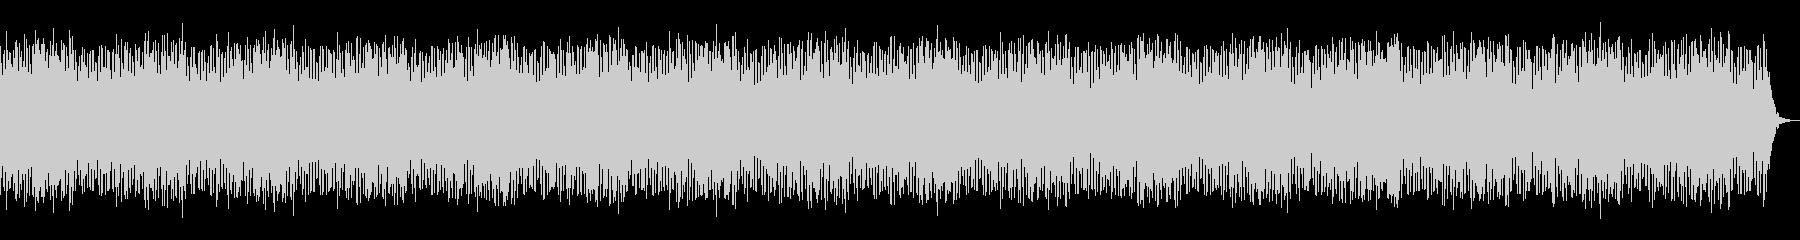 メルヘンチックなワルツ調BGMの未再生の波形